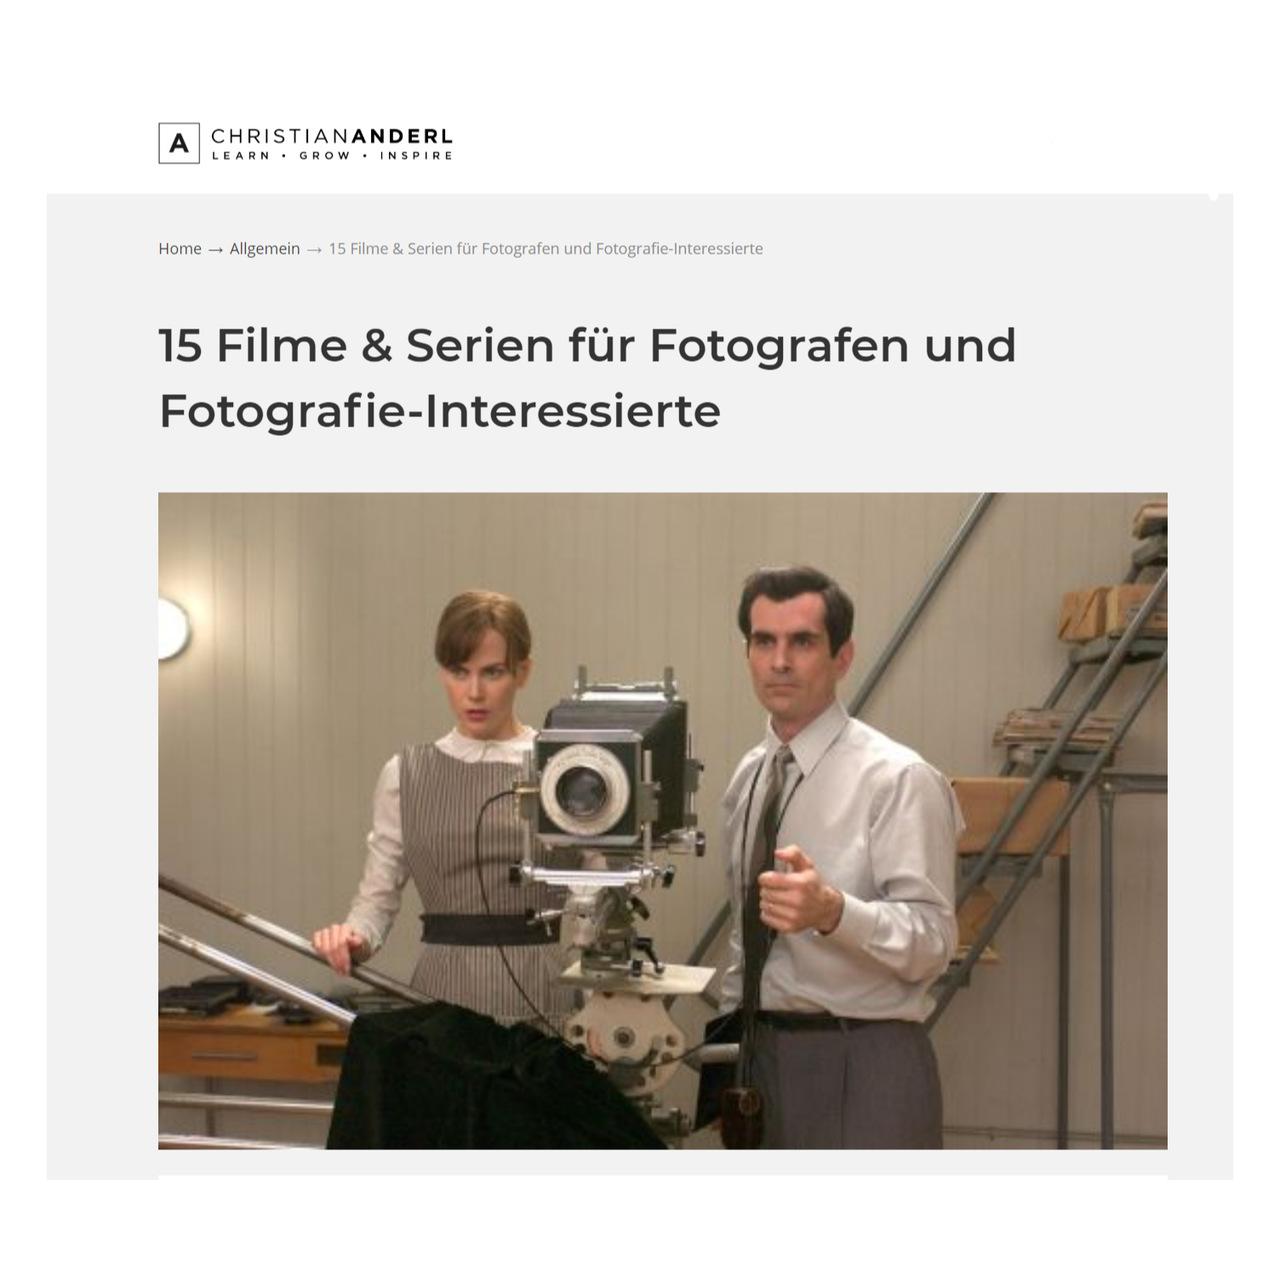 Für Fotografieinteressierte und Fotografen: 15 Filme und Serien - Kunstleben Berlin - das Kunstmagazin